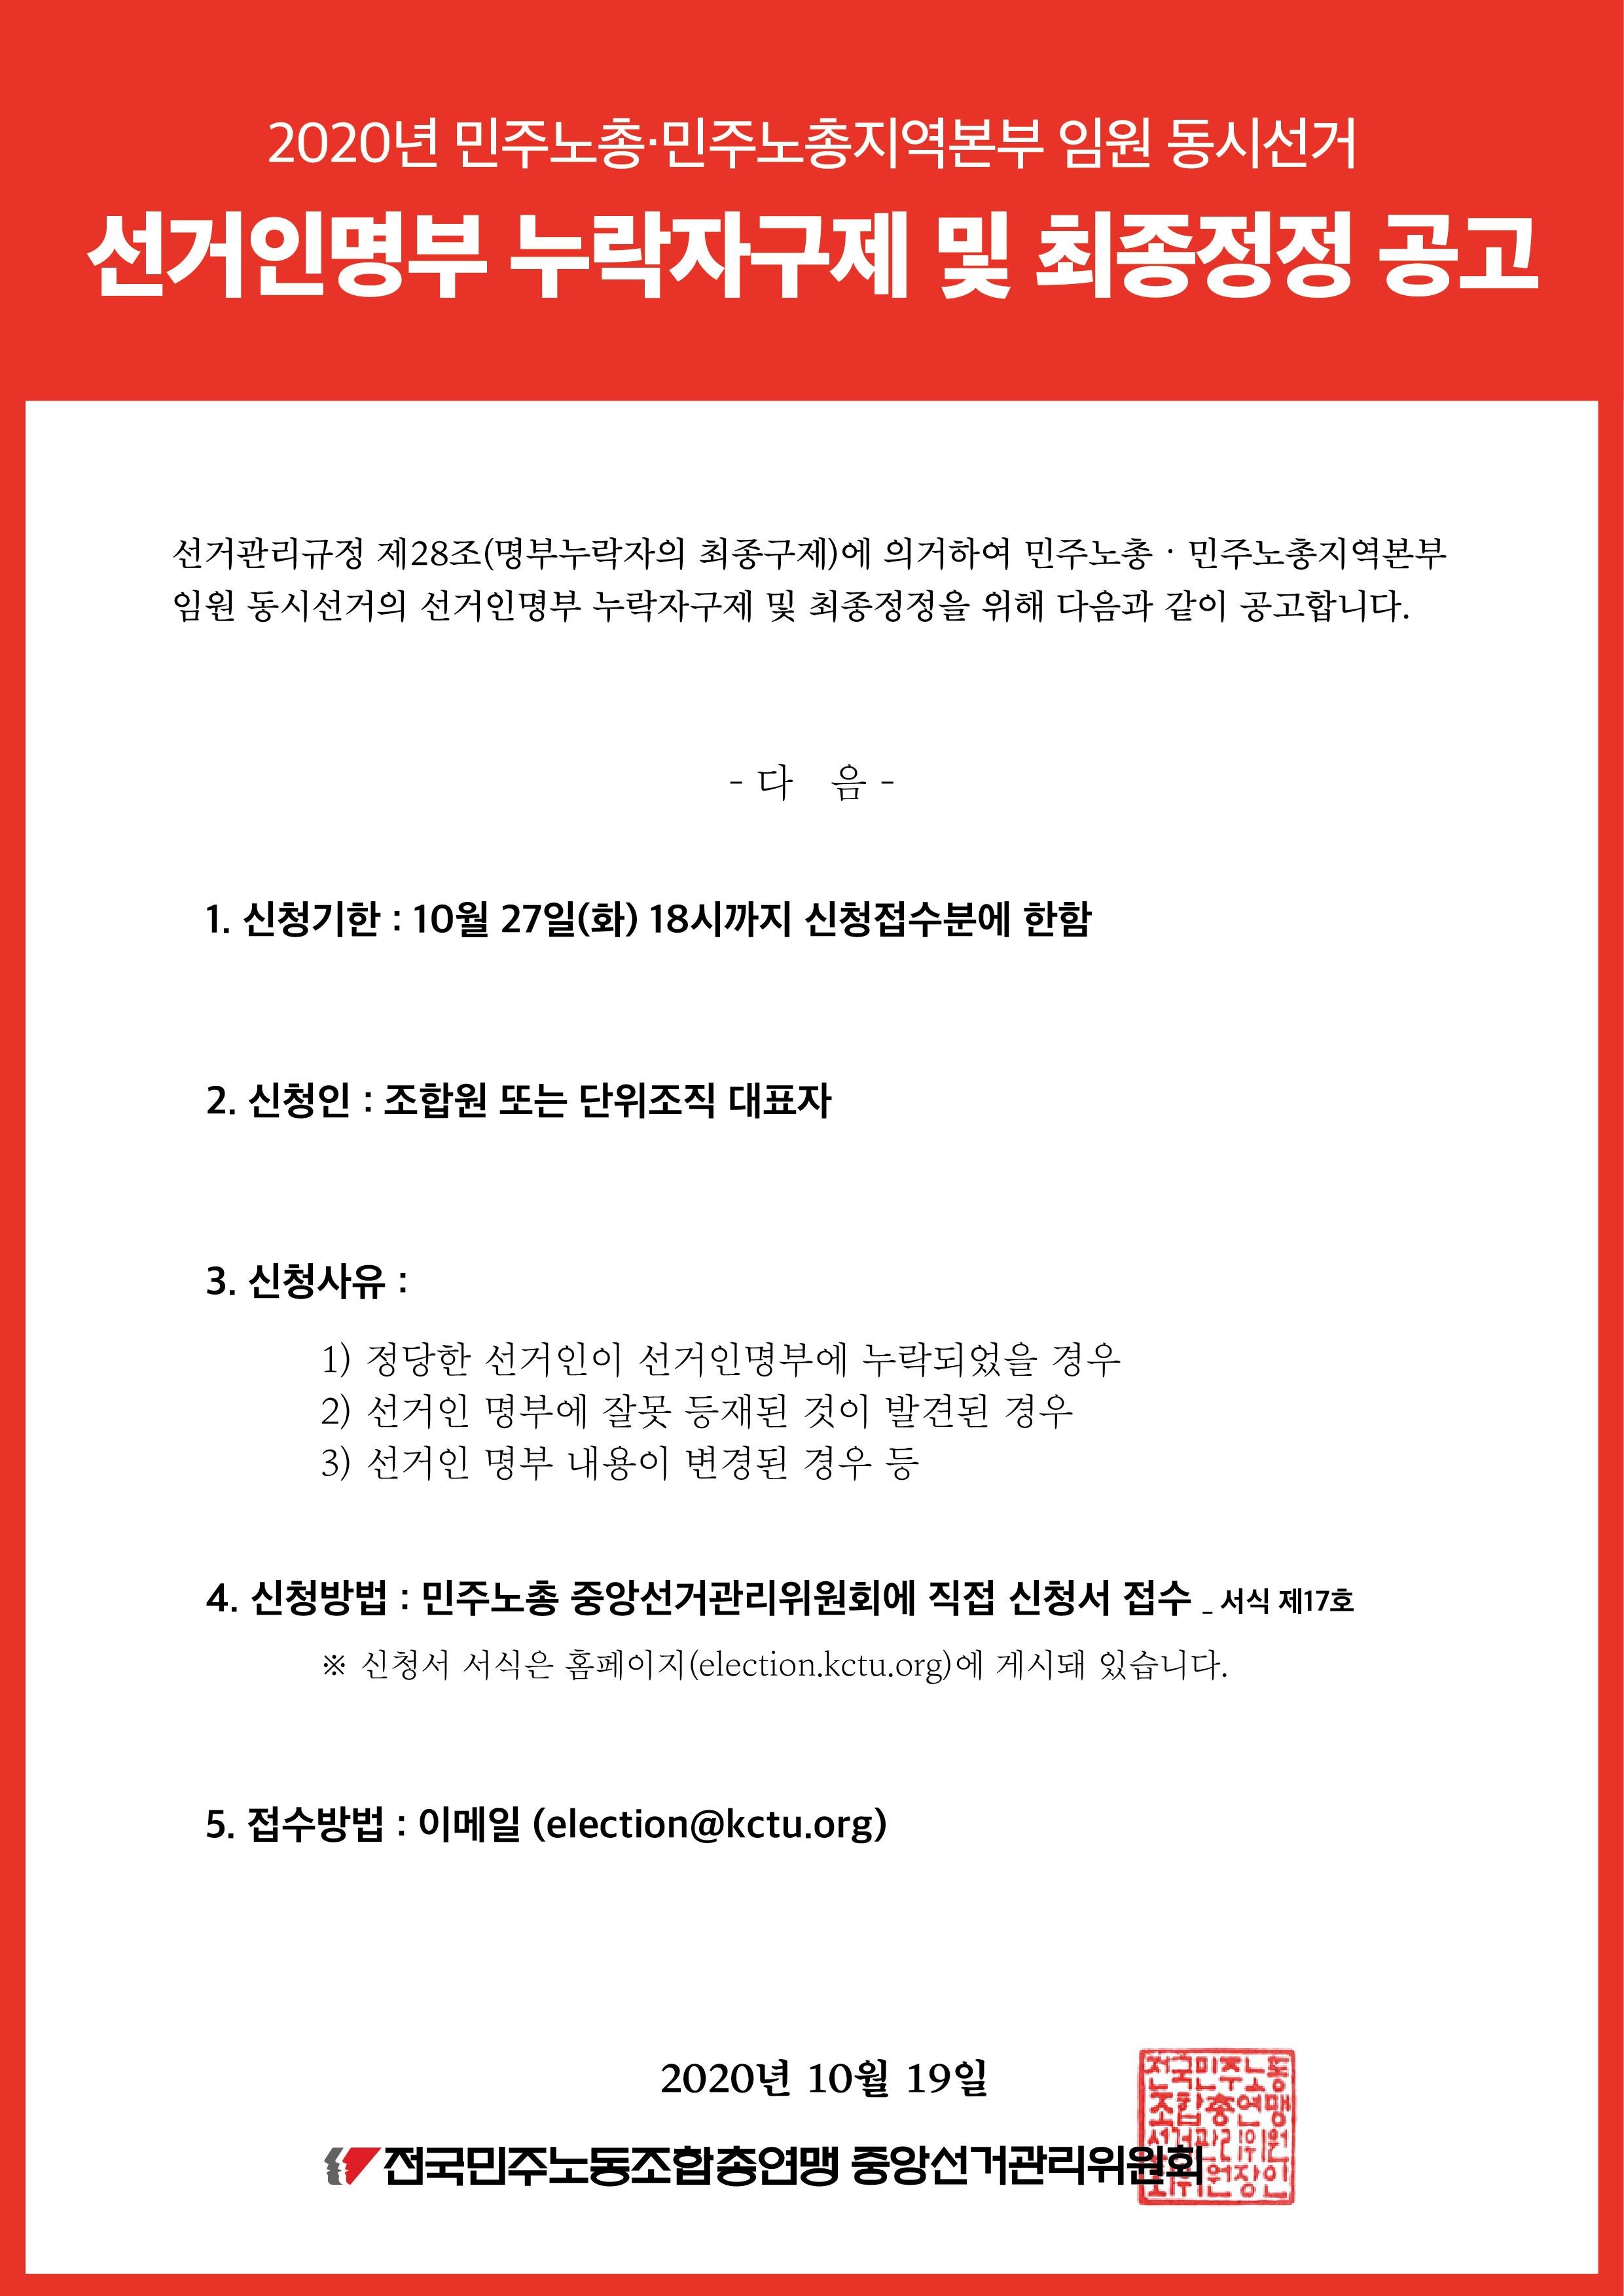 201019_[공고]선거인명부 누락자구제 및 최종정정 공고_웹자보용.png